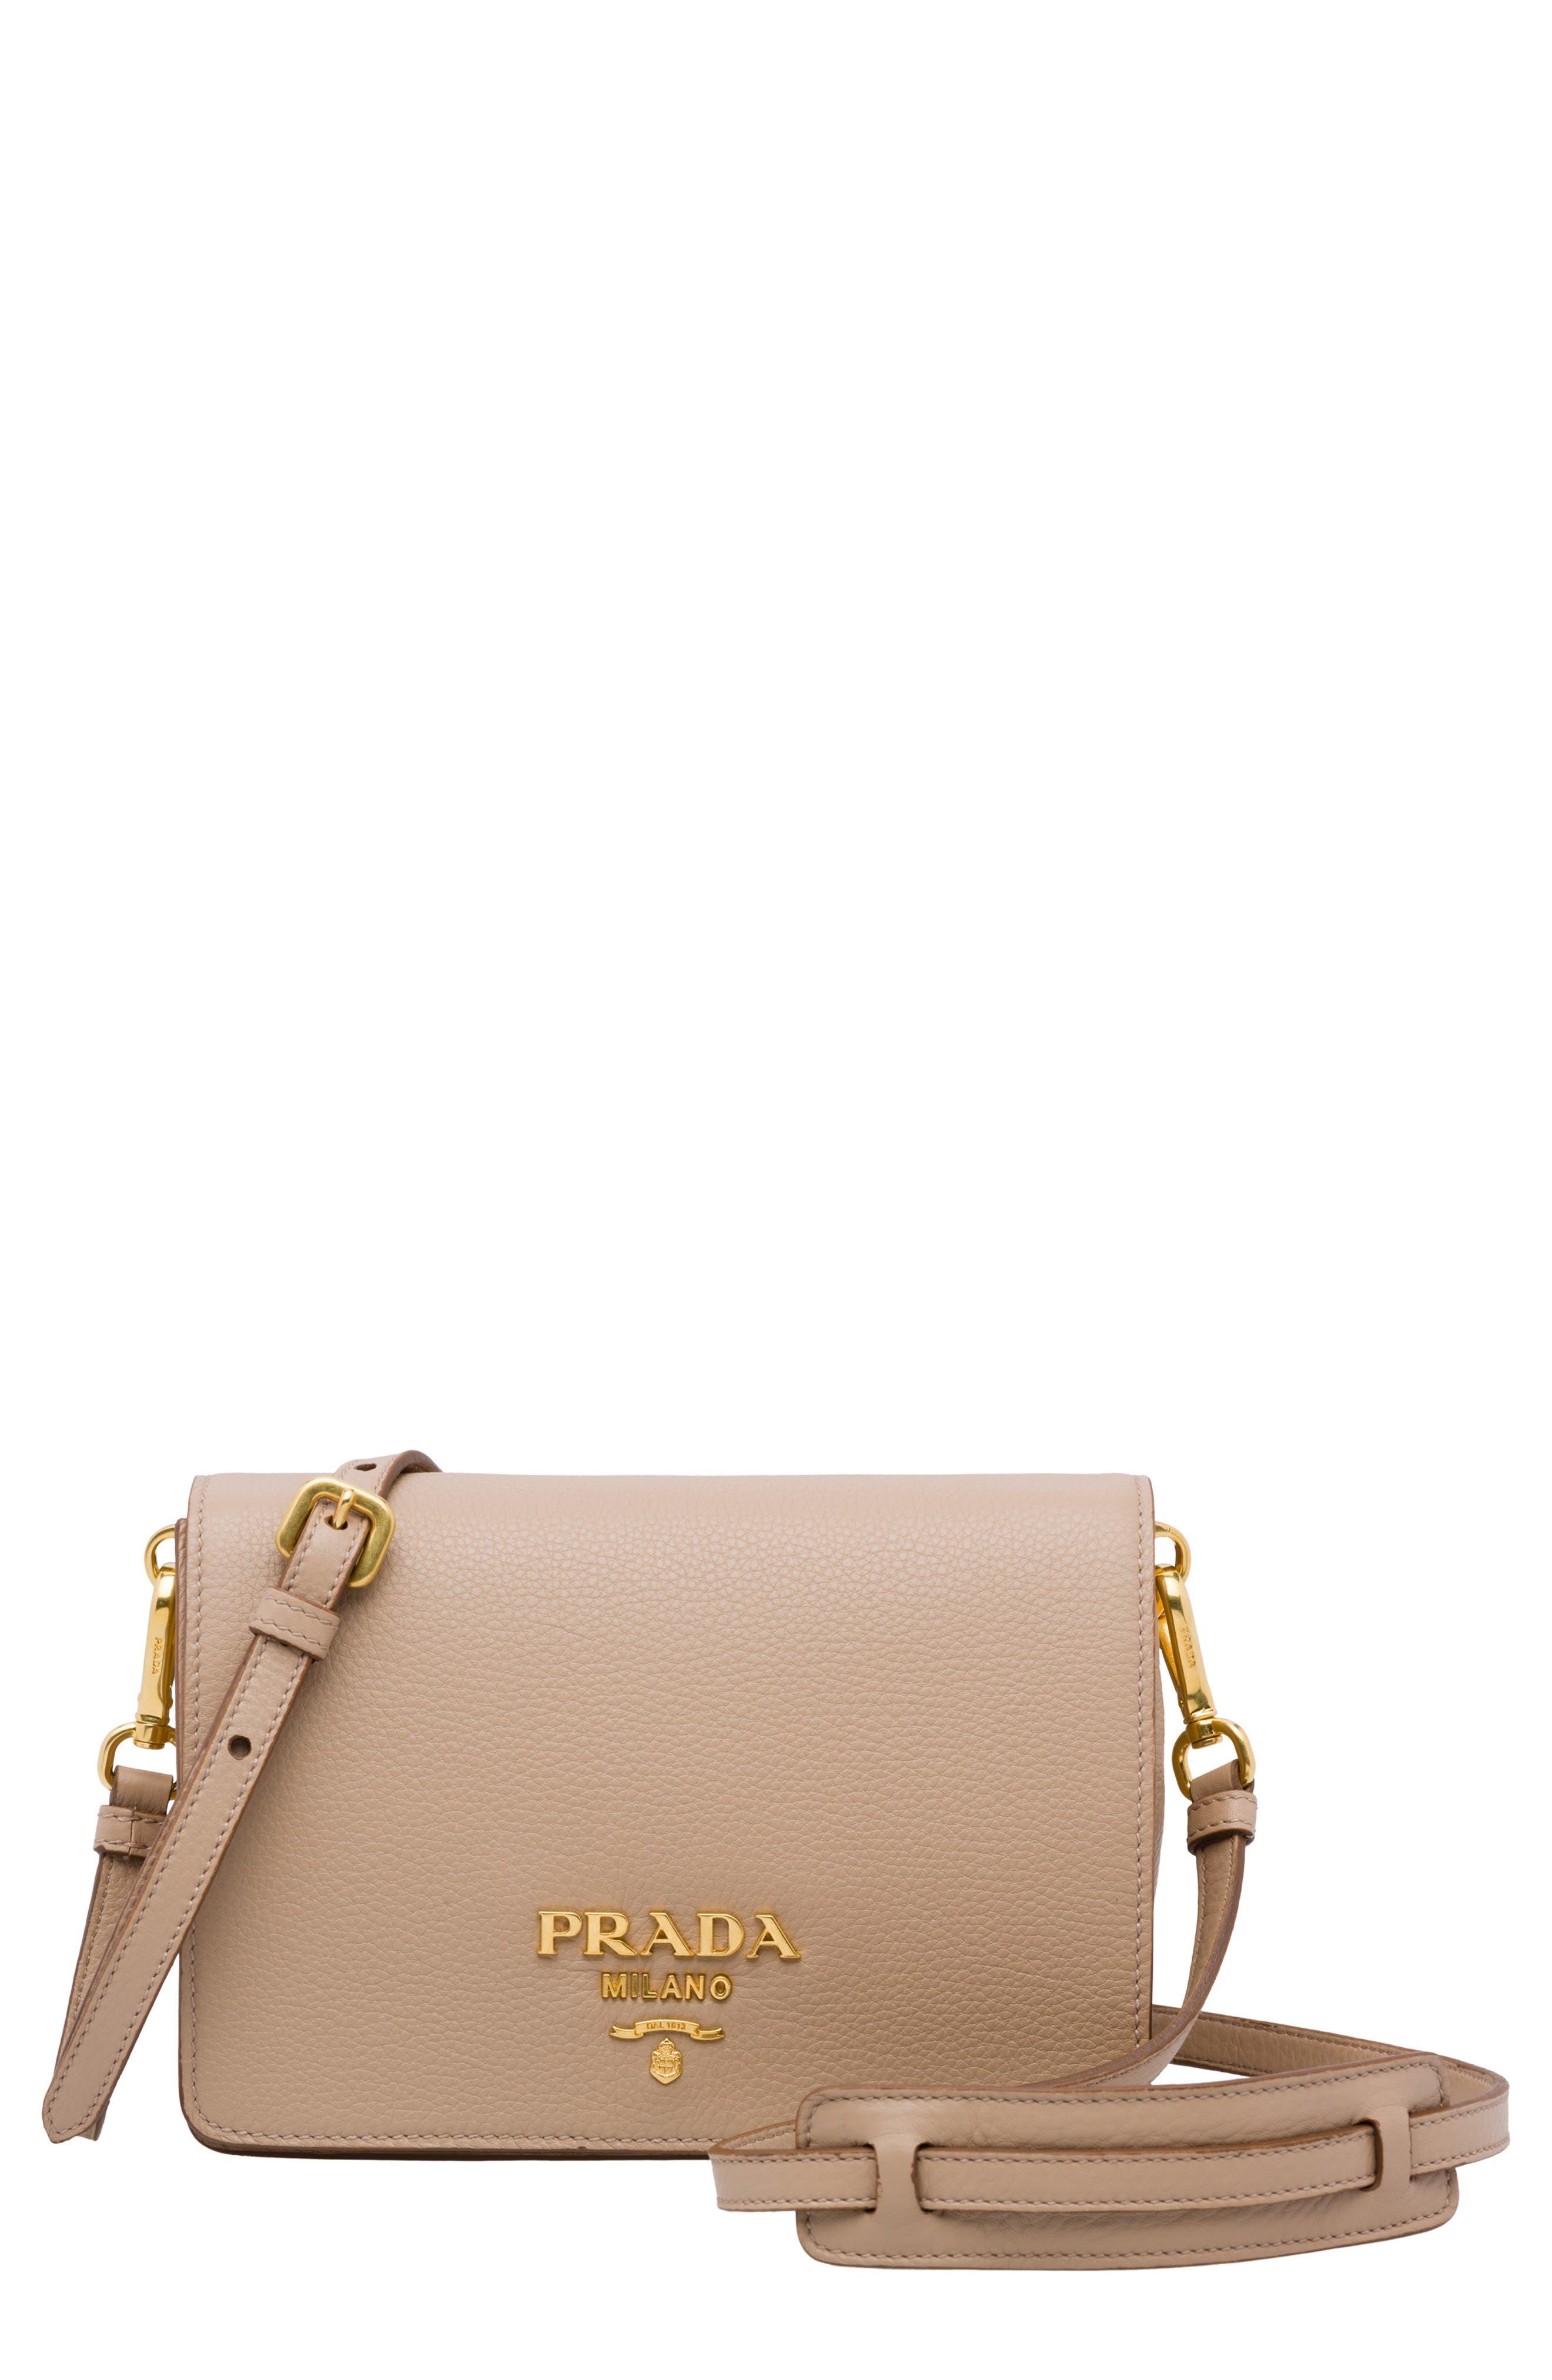 PRADA Vitello Daino Double Compartment Leather Shoulder Bag, Main, color, CAMMEO